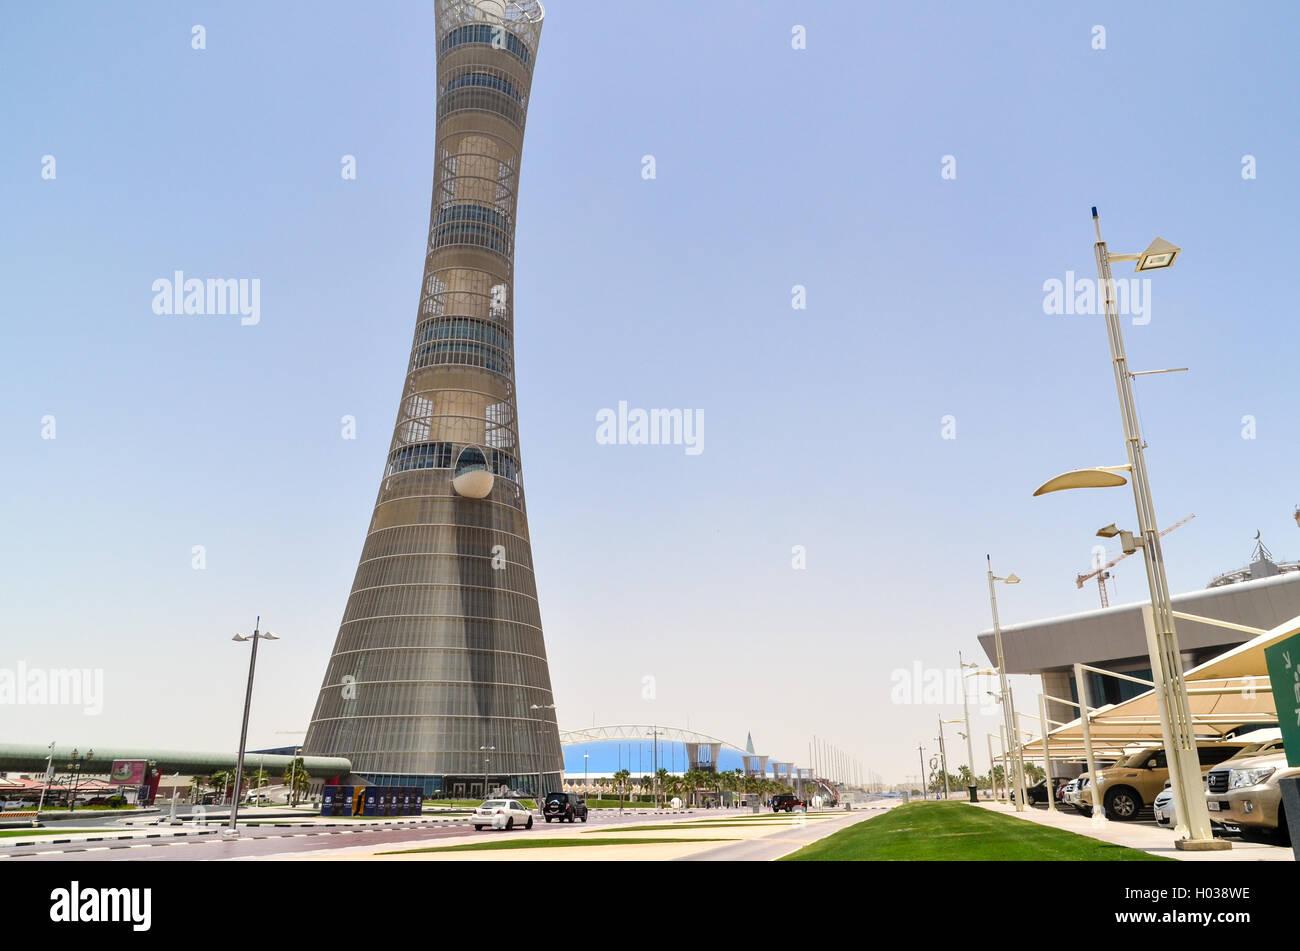 La Torcia Doha (Aspire torre), la piu' alta struttura in Qatar Immagini Stock